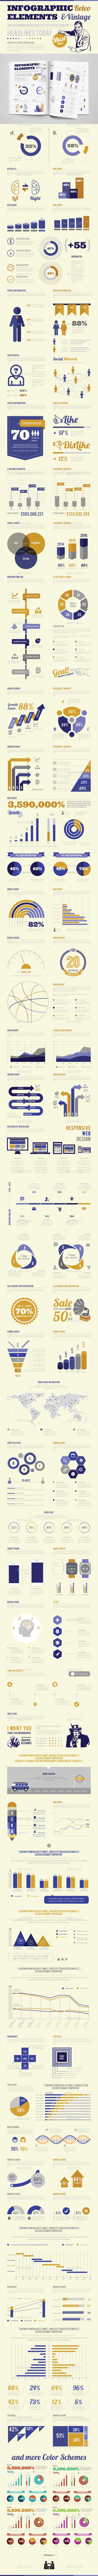 Vintage & Retro Style Infographic - Infographics